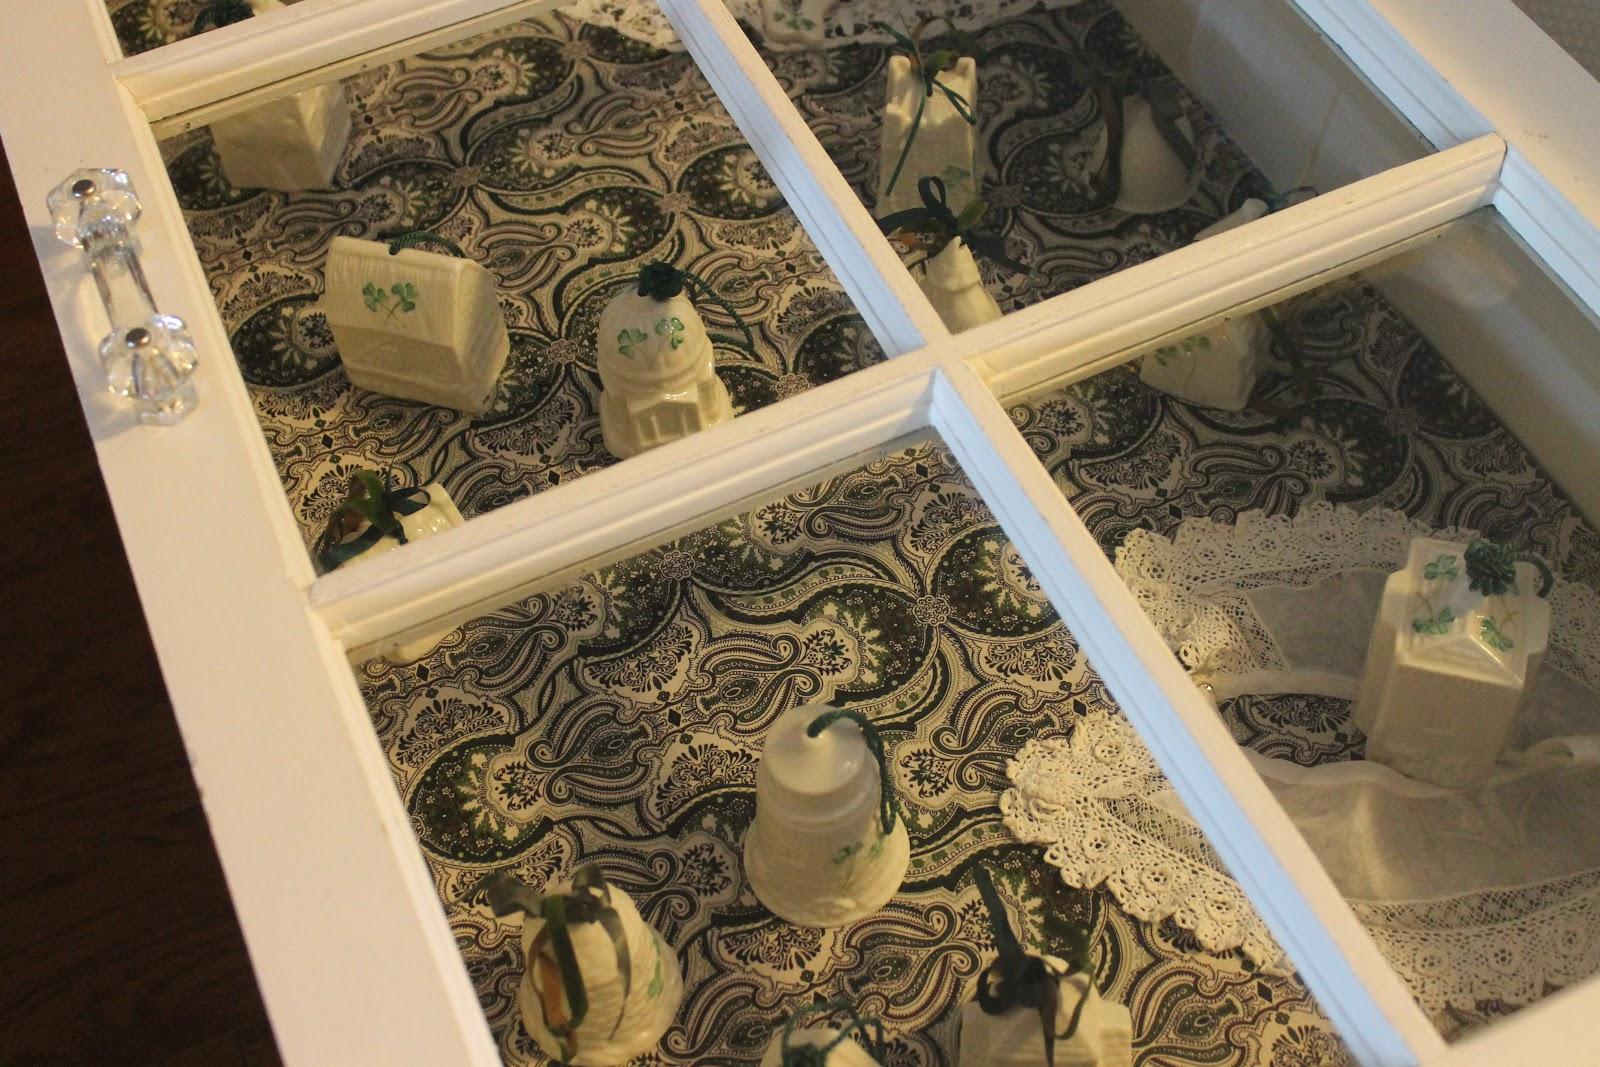 dens gens creatifs: beleek in shadow box coffee table